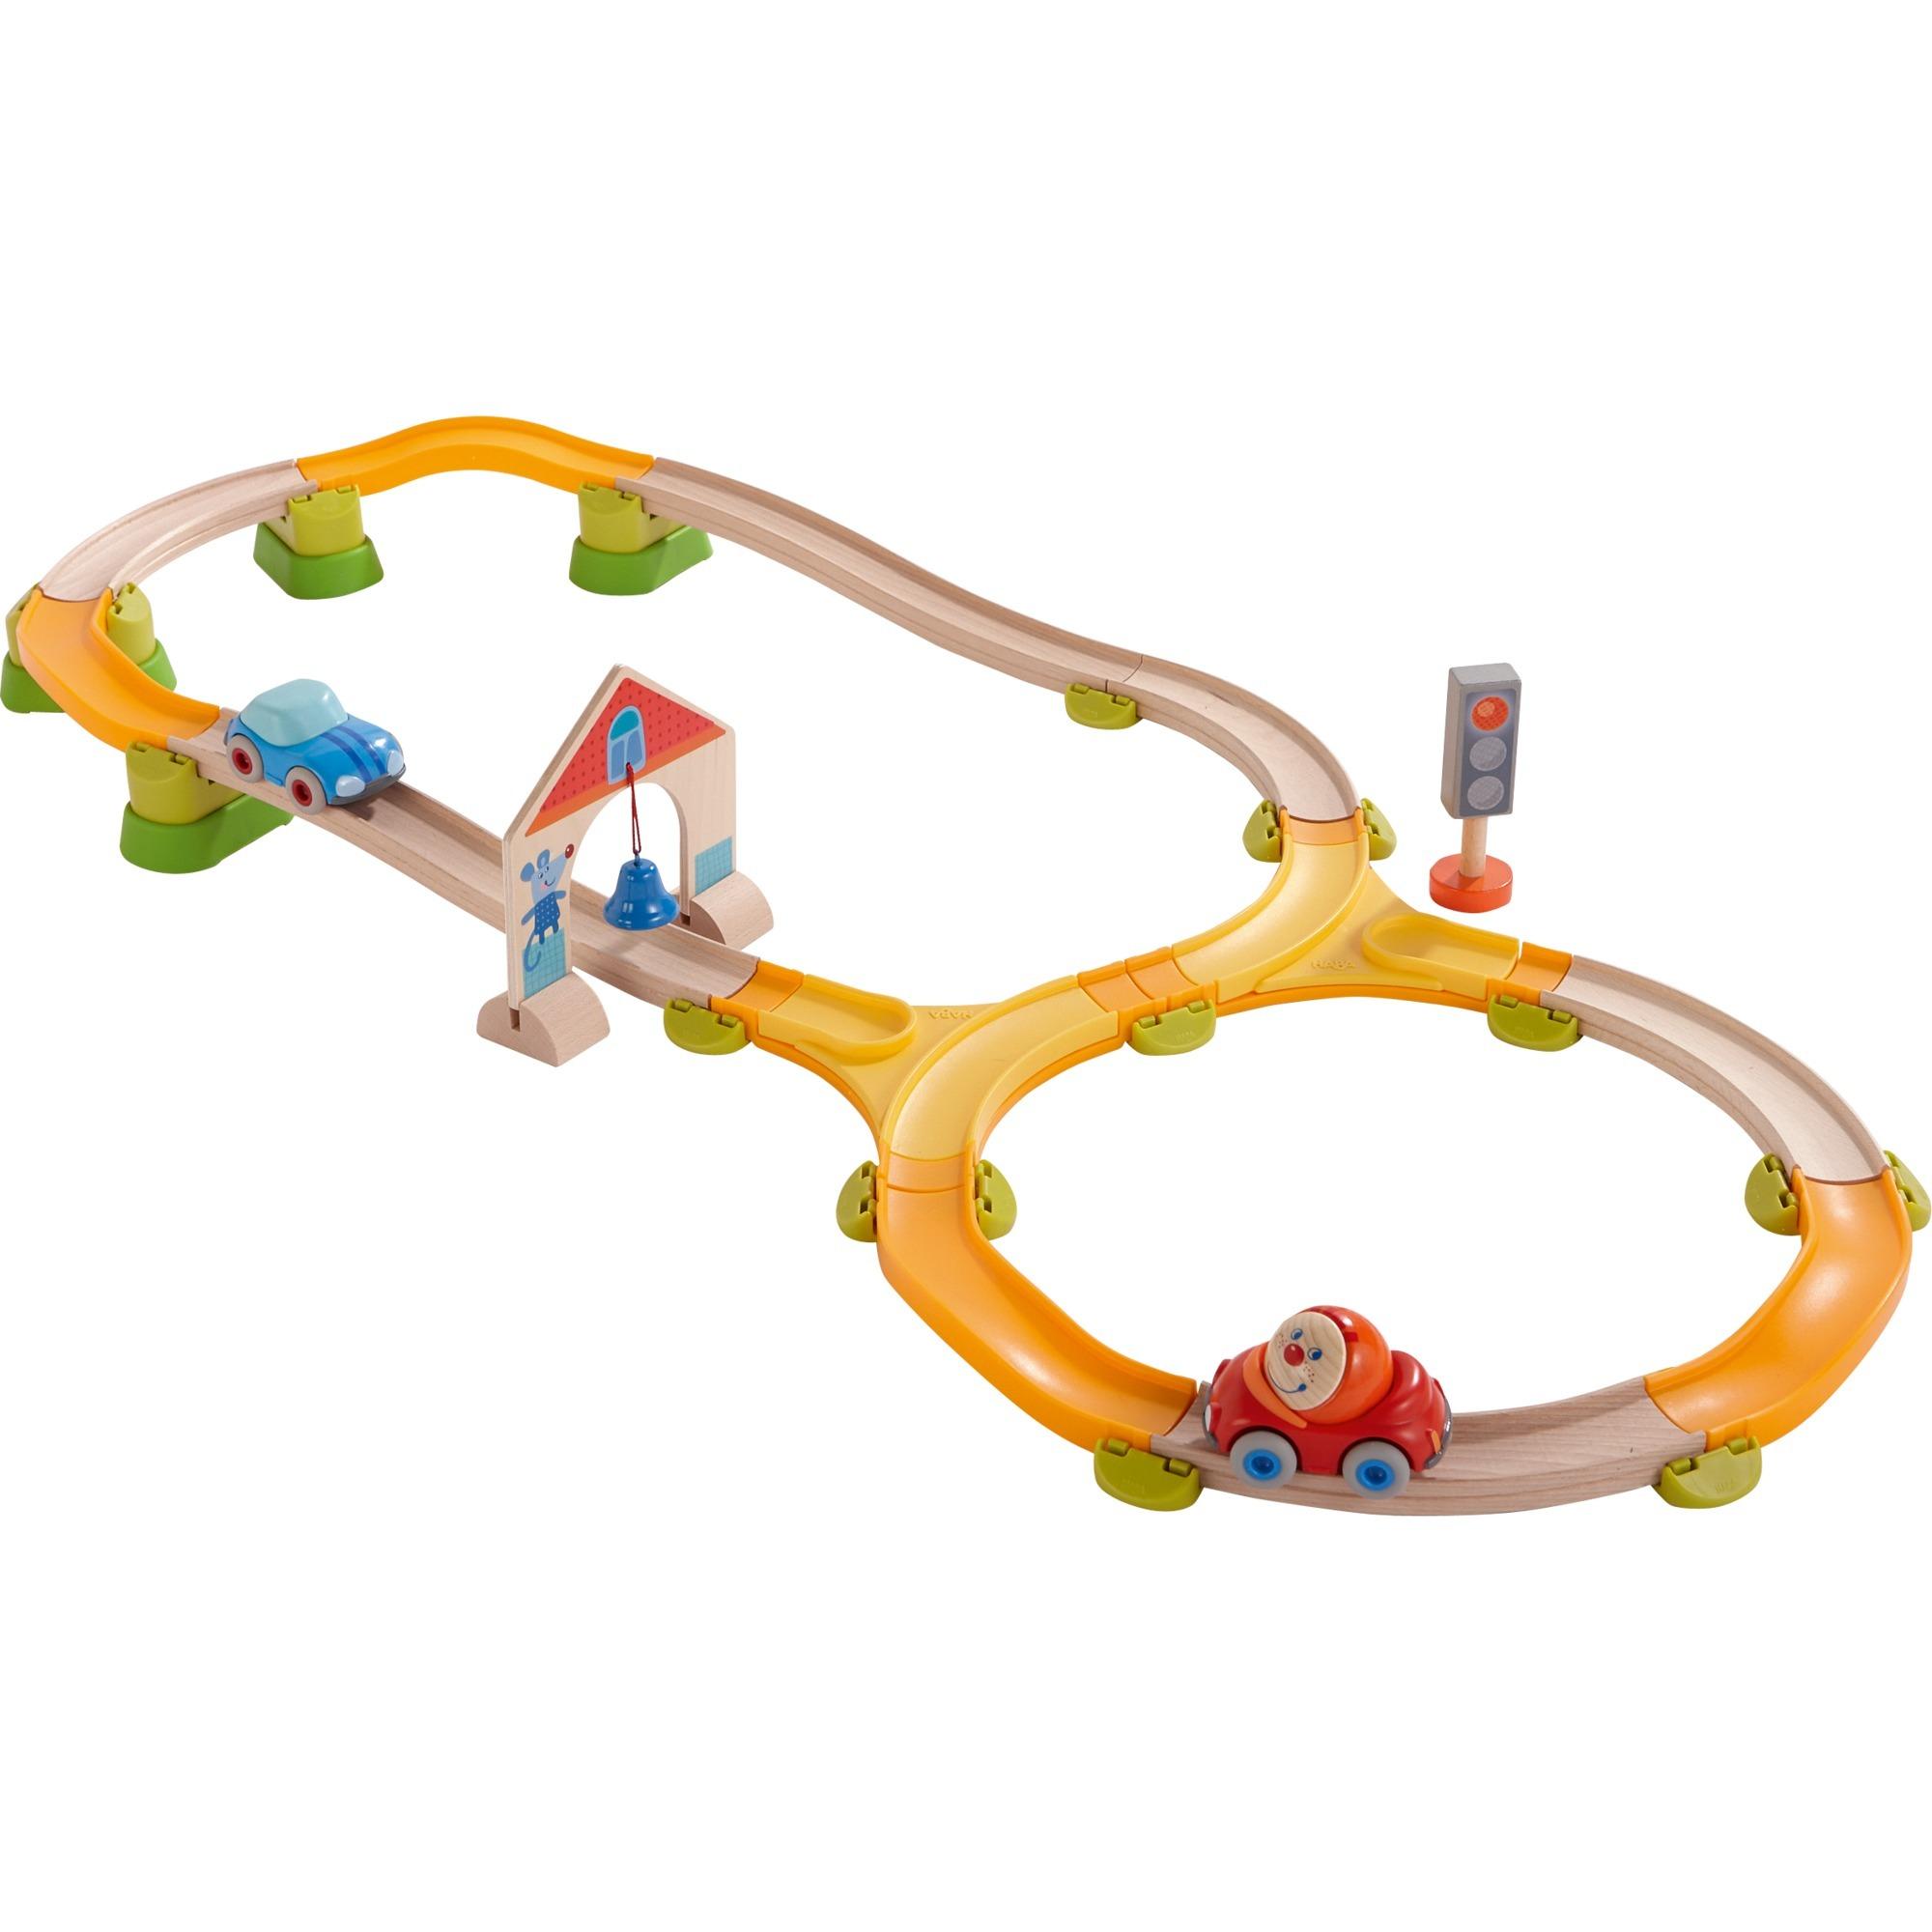 302058 De plástico, Madera pista para vehículos de juguete, Ferrocarril